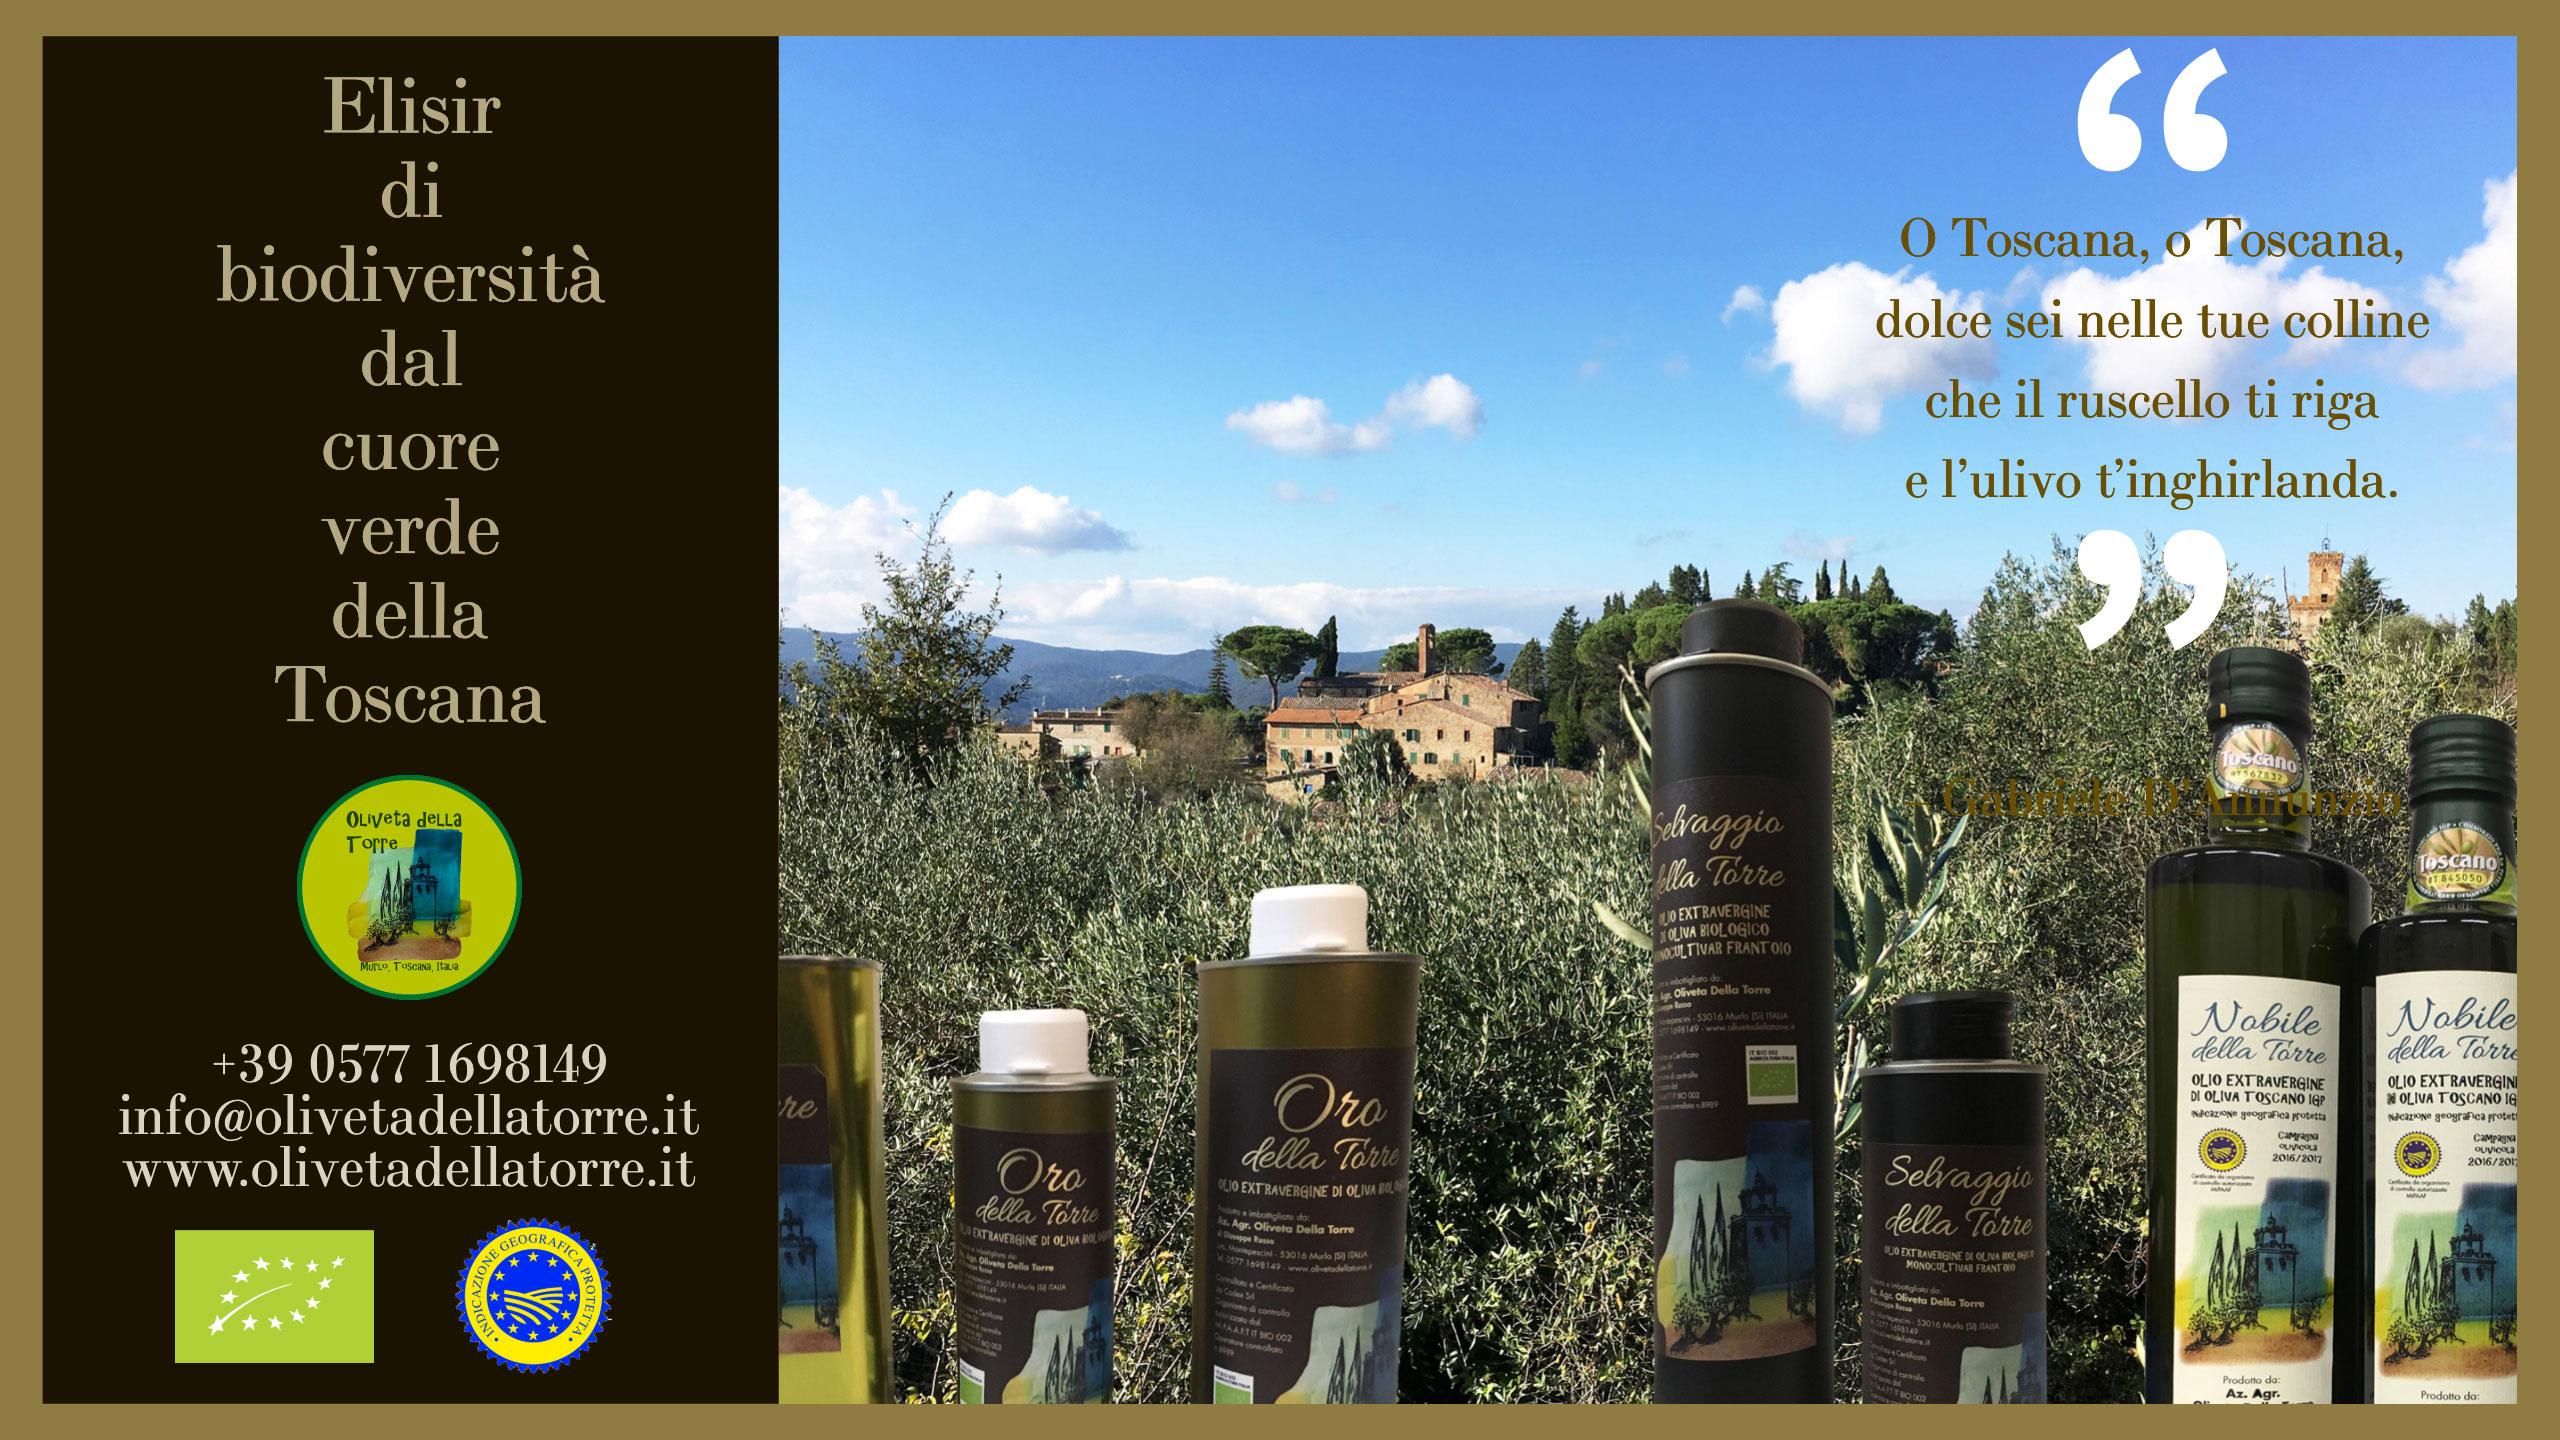 Campagna toscana con olivi e bottiglie di olio in primo piano.